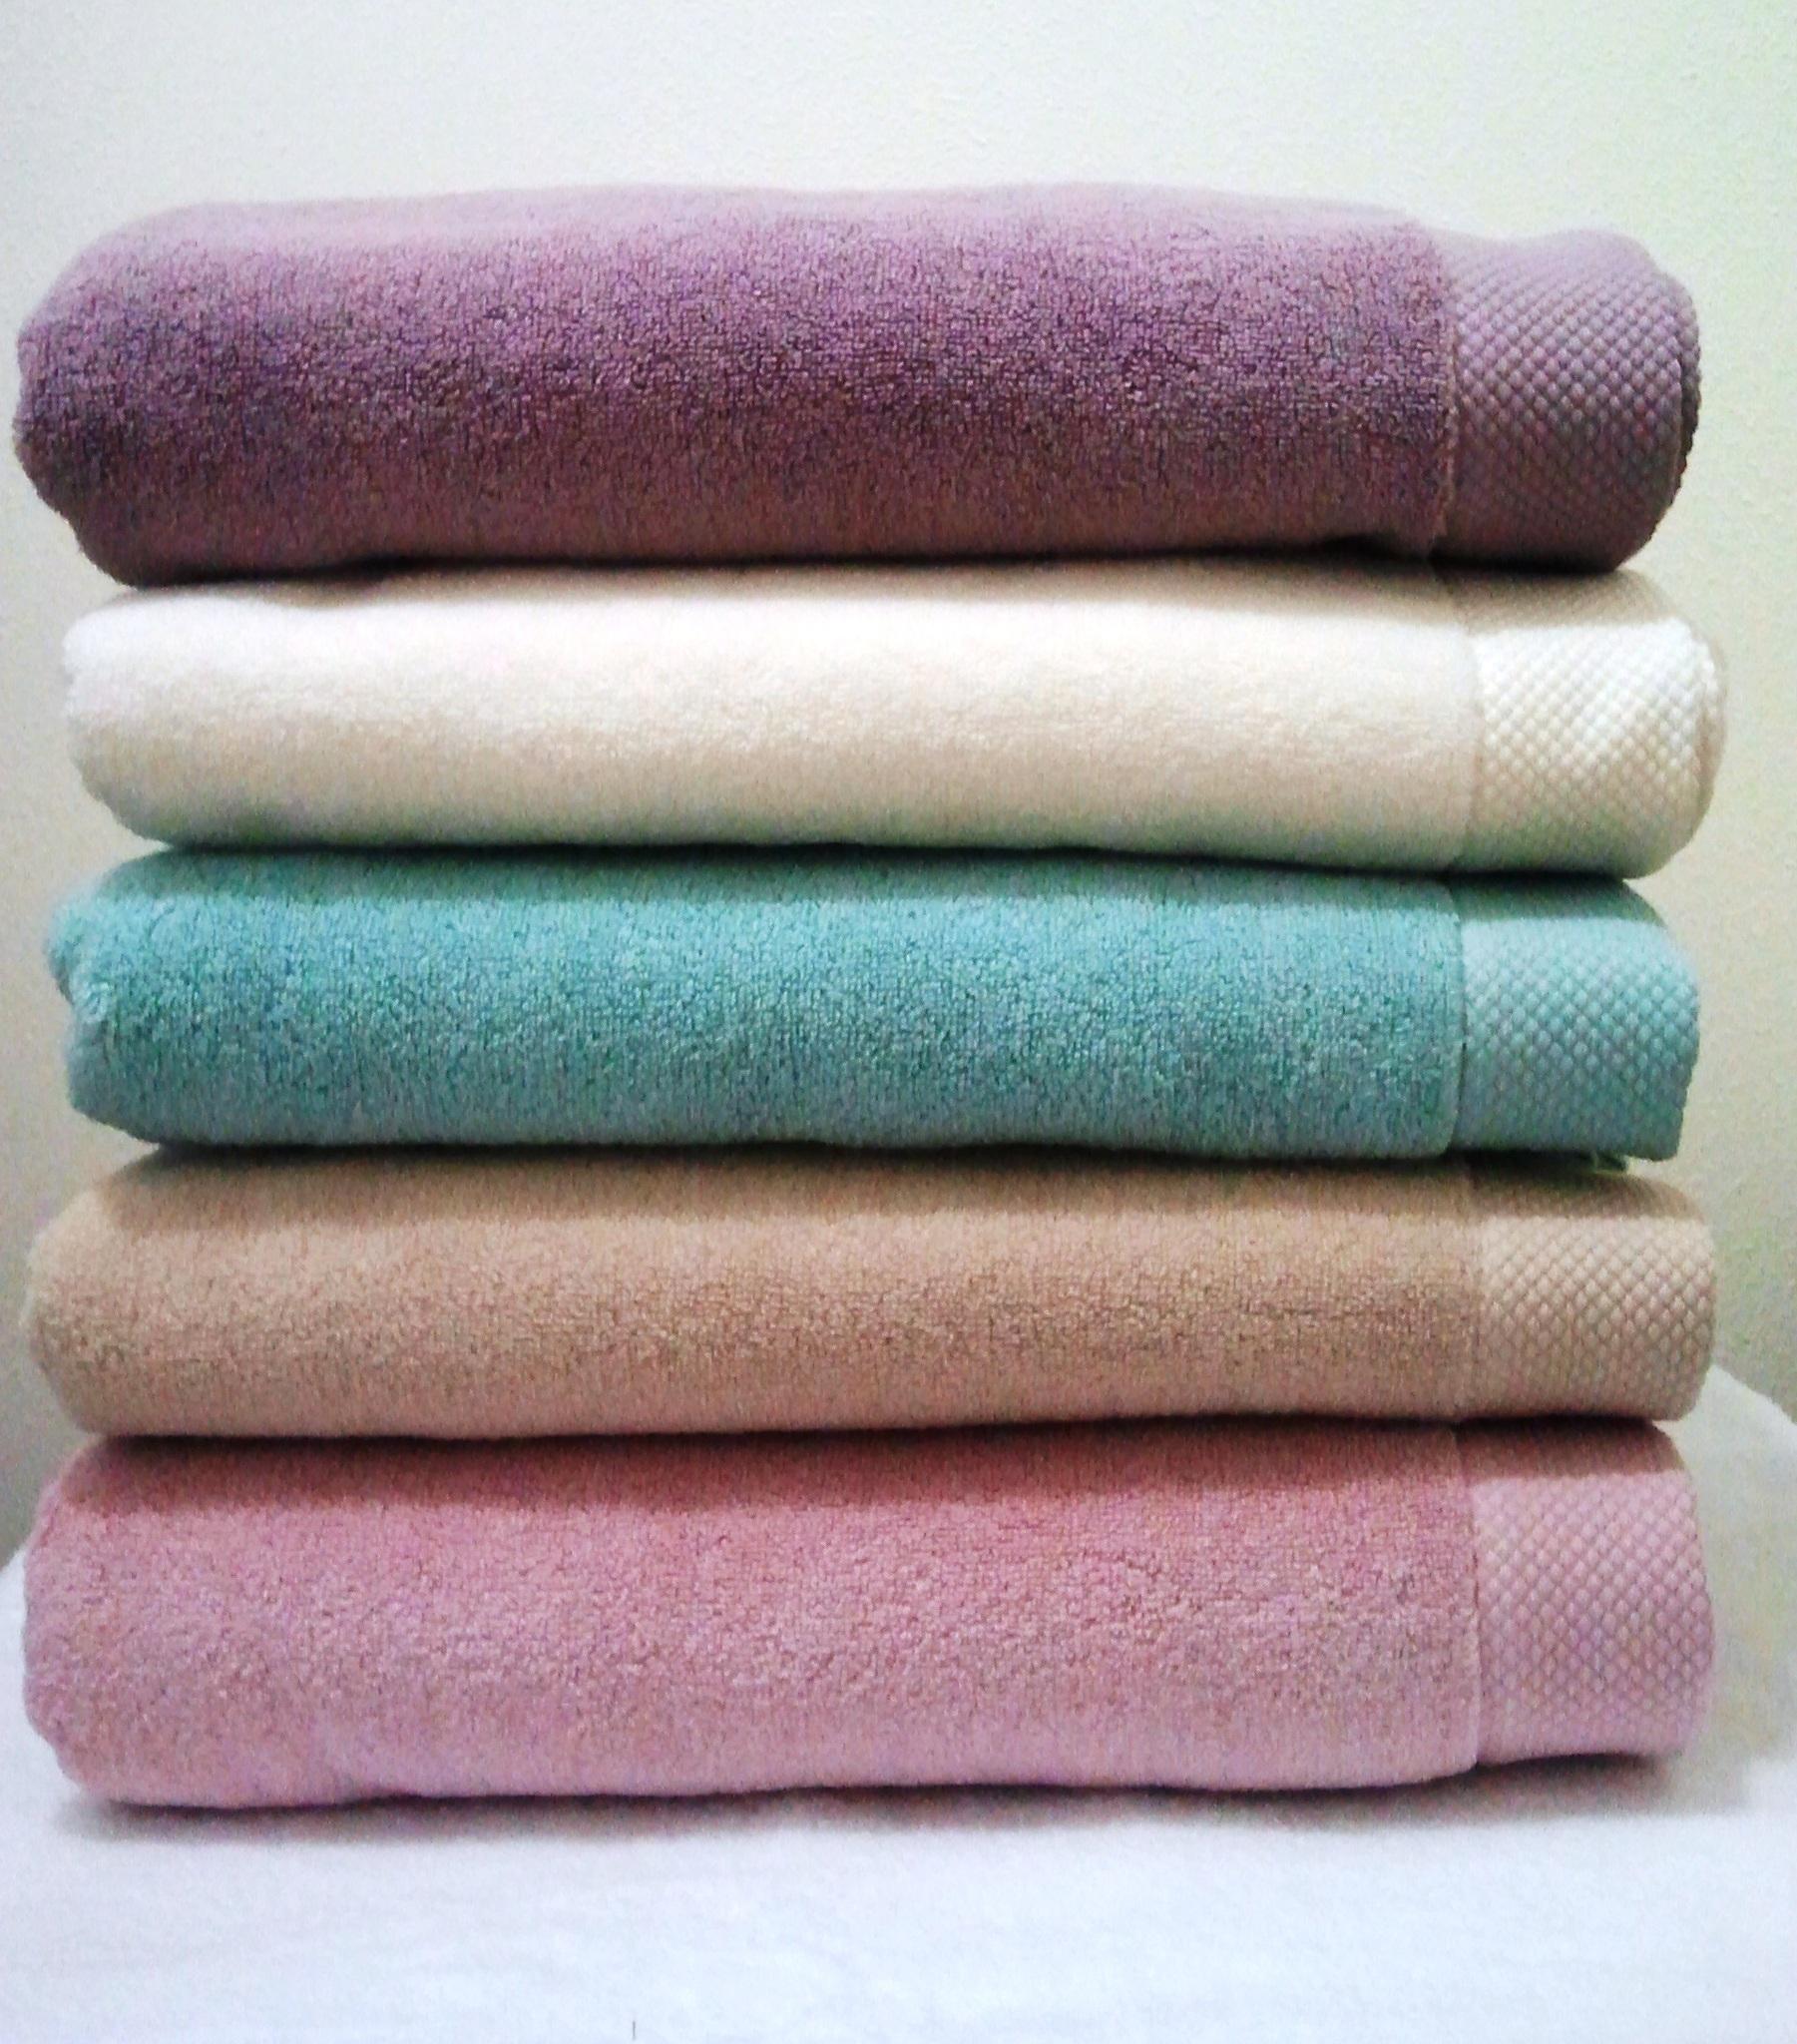 Полотенца ARTEMİS - АРТЕМИС полотенце махровое Maison Dor(Турция) . ARTEMIS__1_.jpg